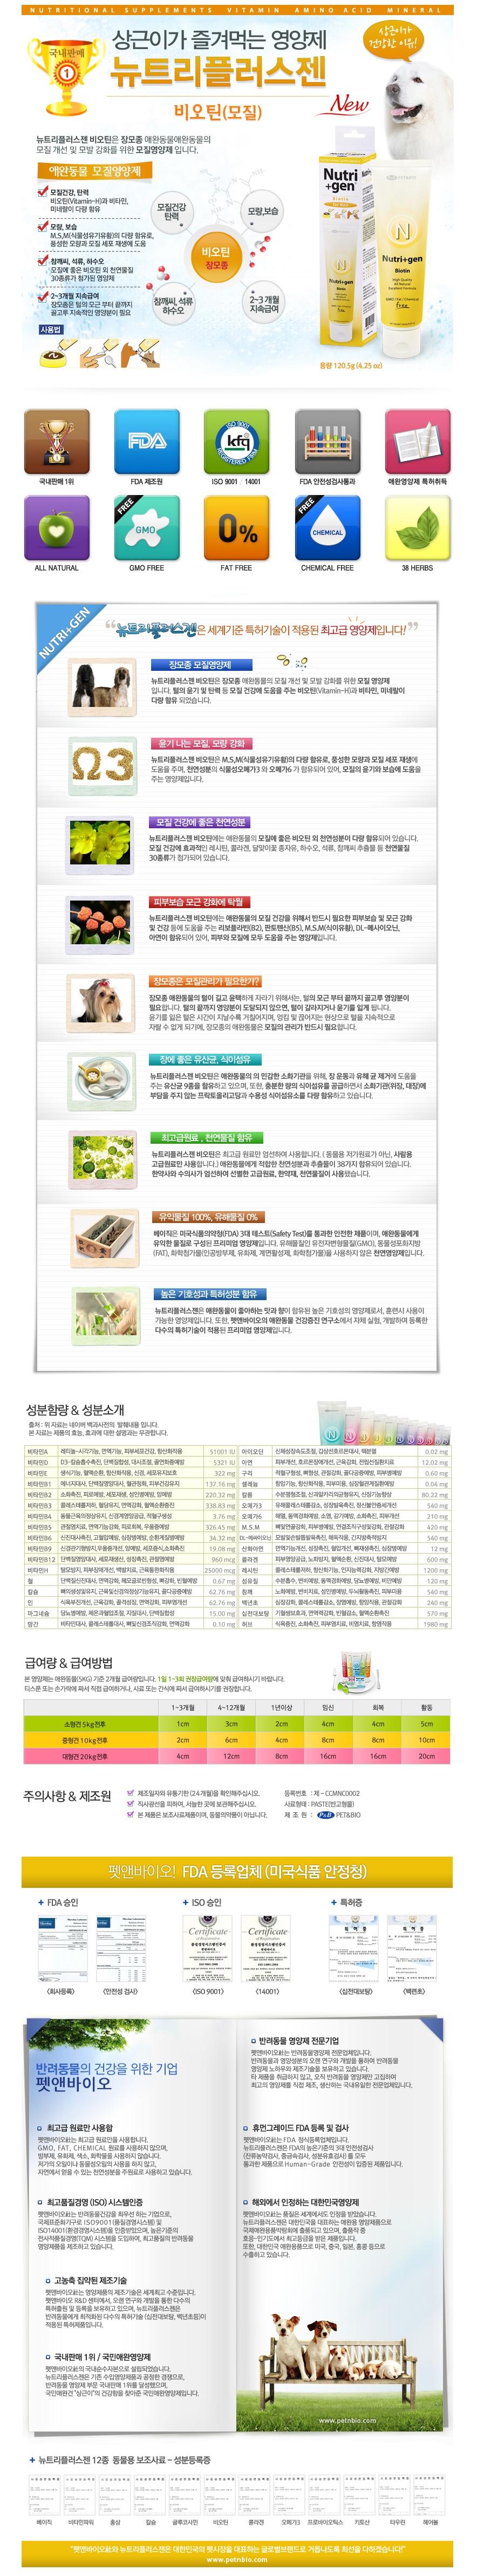 뉴트리플러스젠 피부모질(장모) 강아지영양제 120.5g - 뉴트리플러스젠, 9,000원, 간식/영양제, 영양보호제